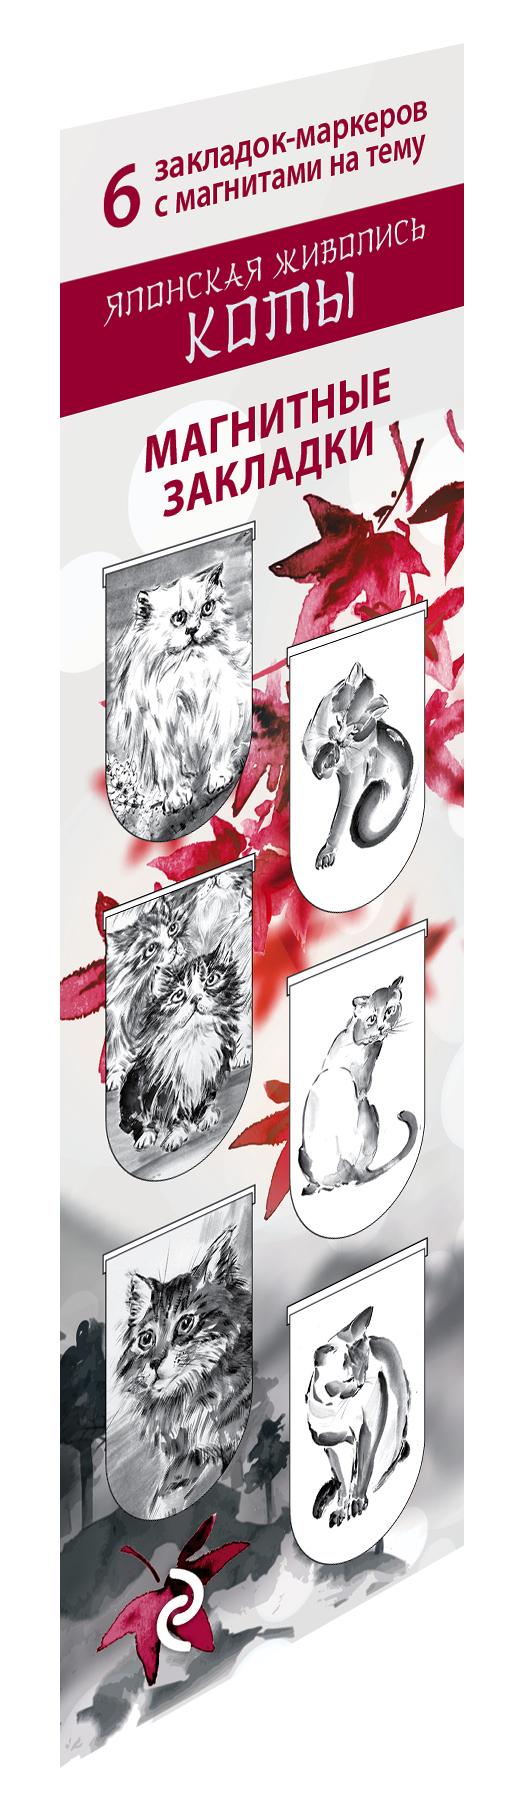 Магнитные закладки. Японская живопись. Коты (6 закладок полукругл.)